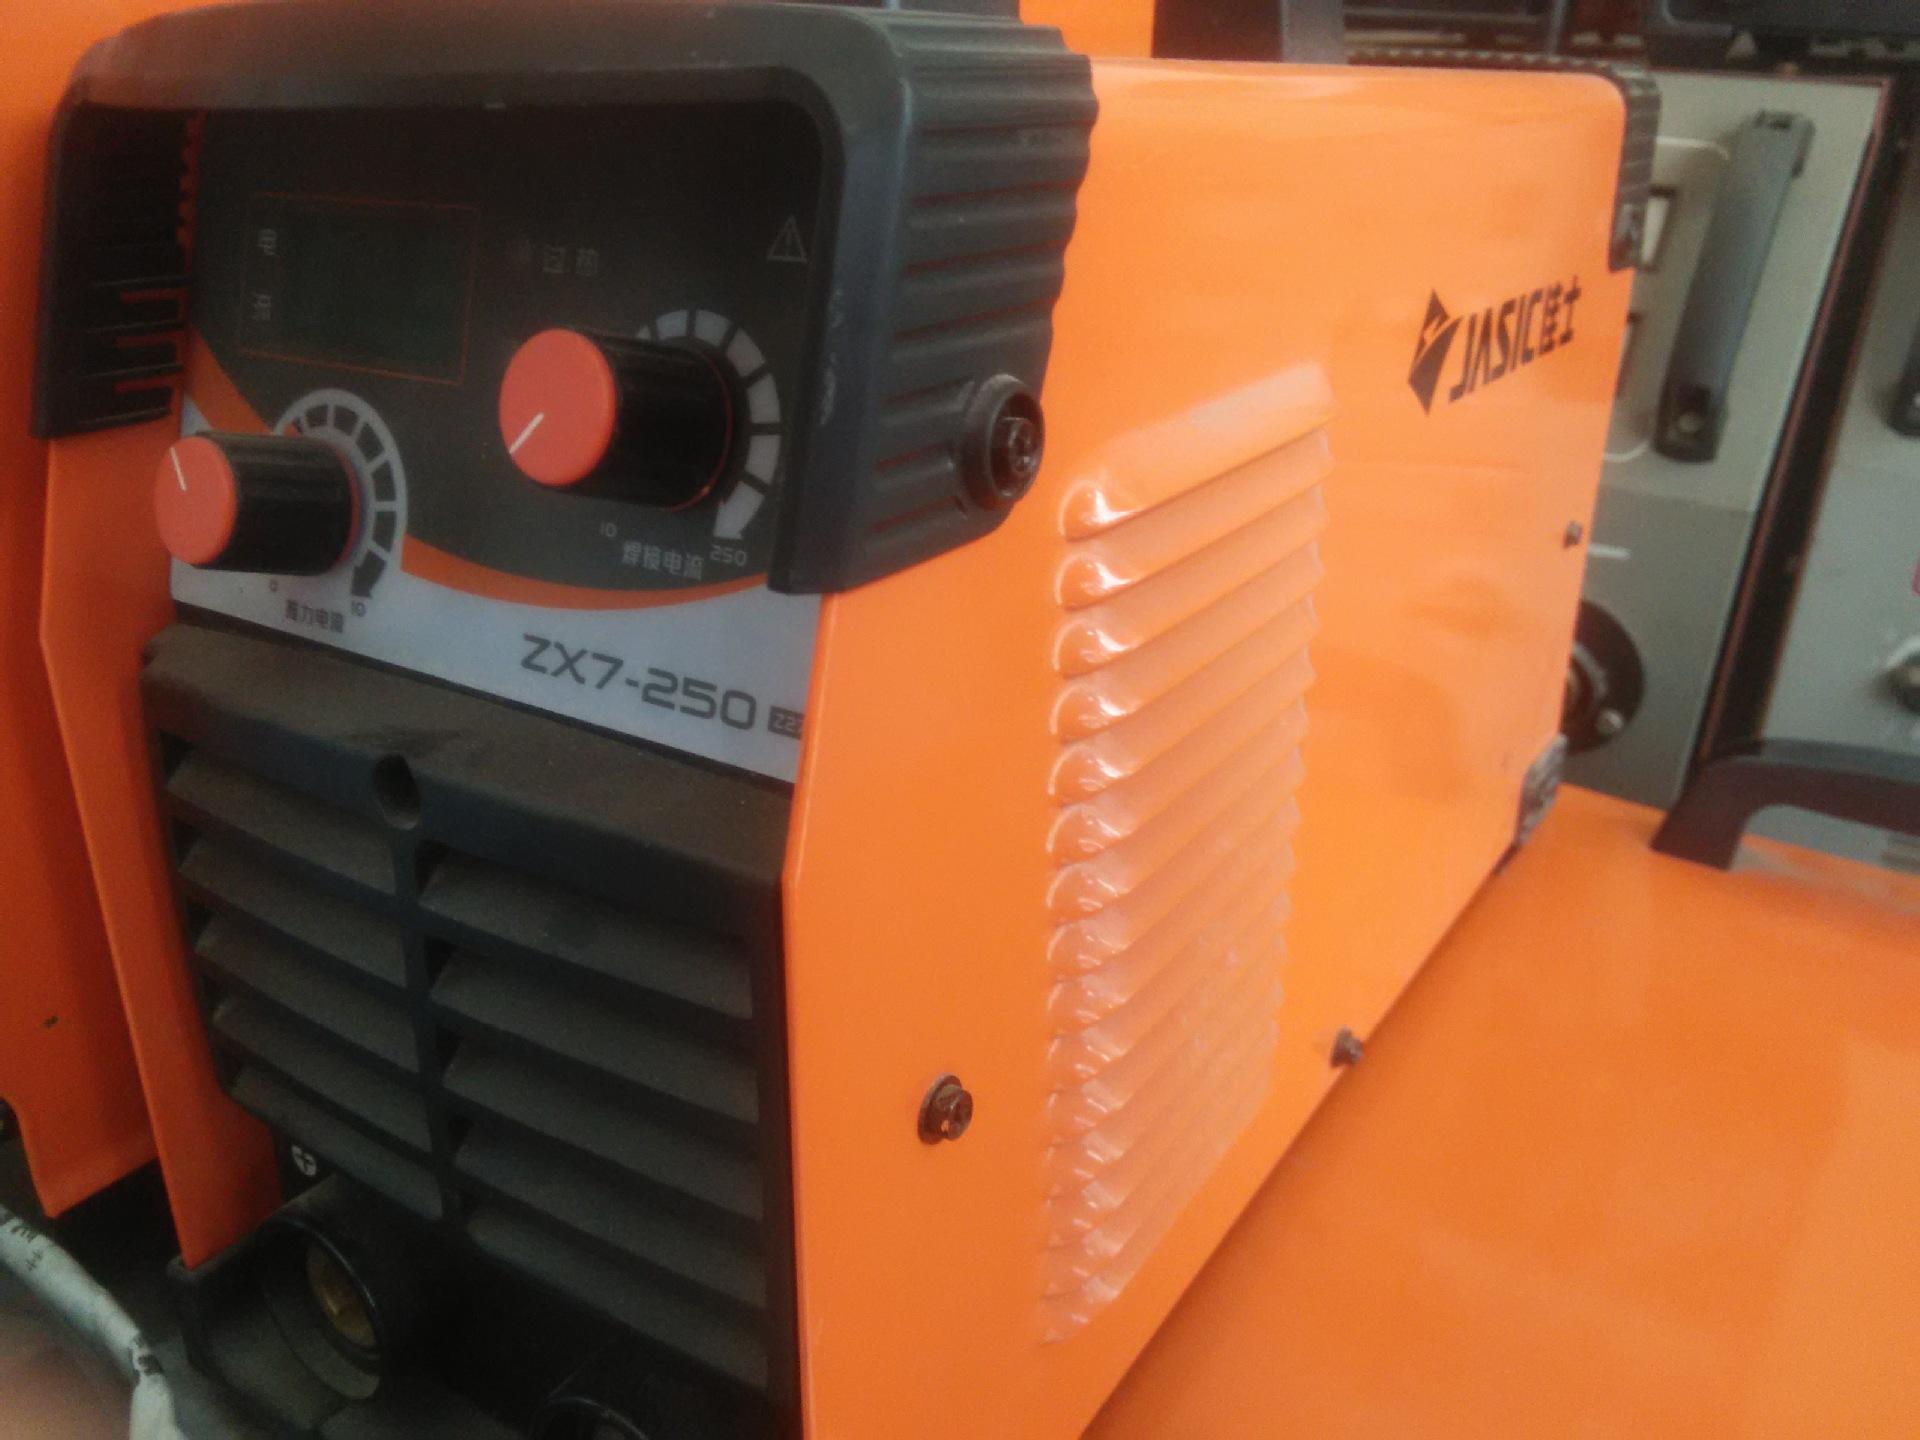 逆变直流焊机 佳士逆变焊机 ZX7 250 佳士逆变直流焊机 阿里巴巴图片